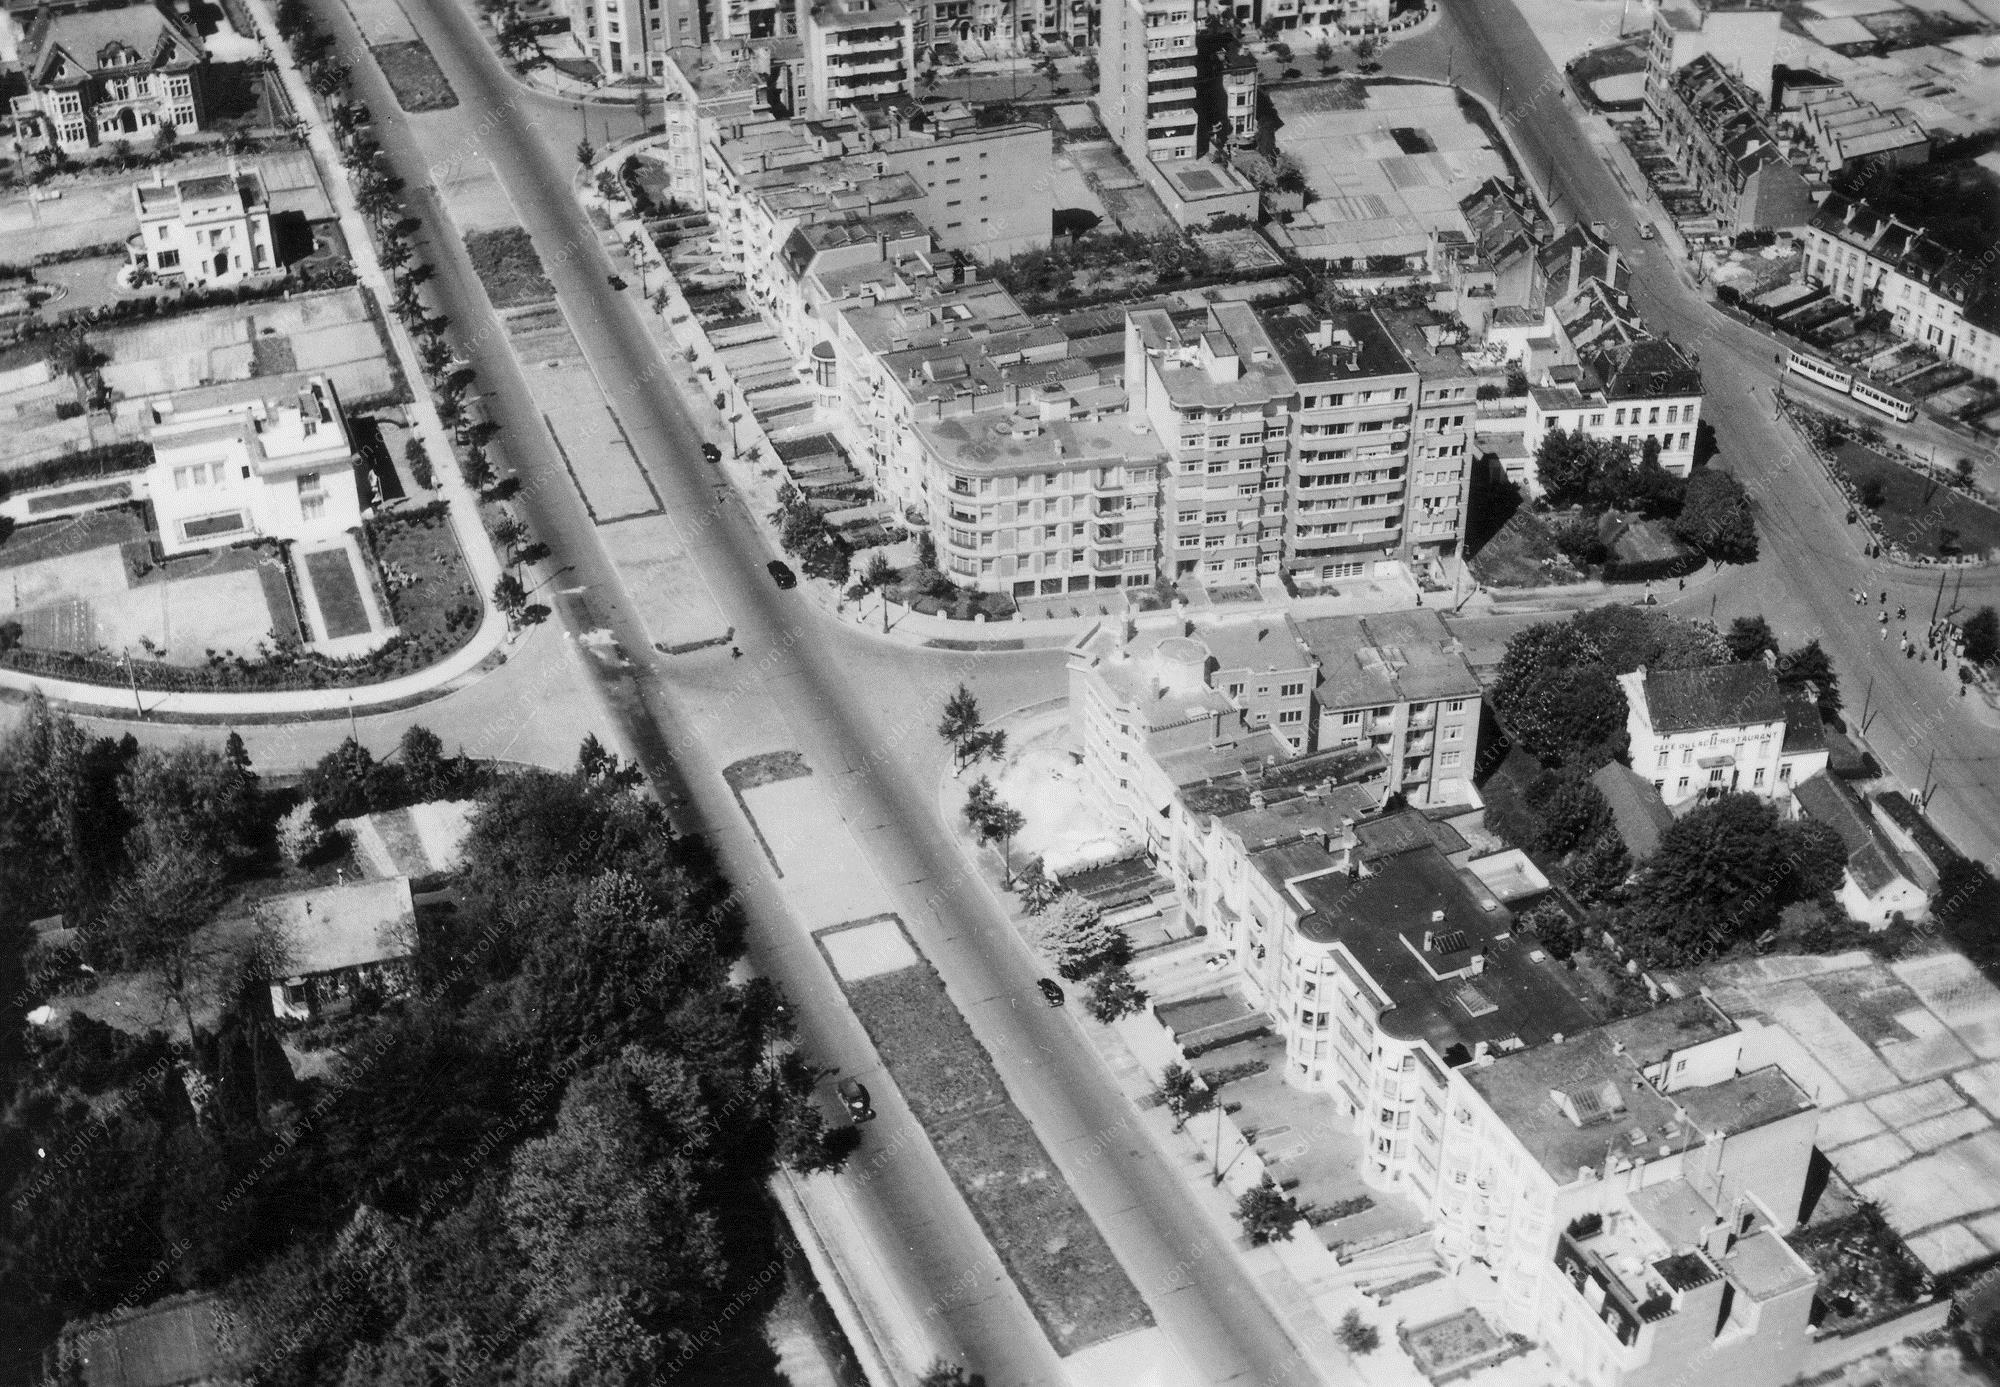 De oude trambaan van Brussel: De keerlus van de tram op de Marie-José-Plein